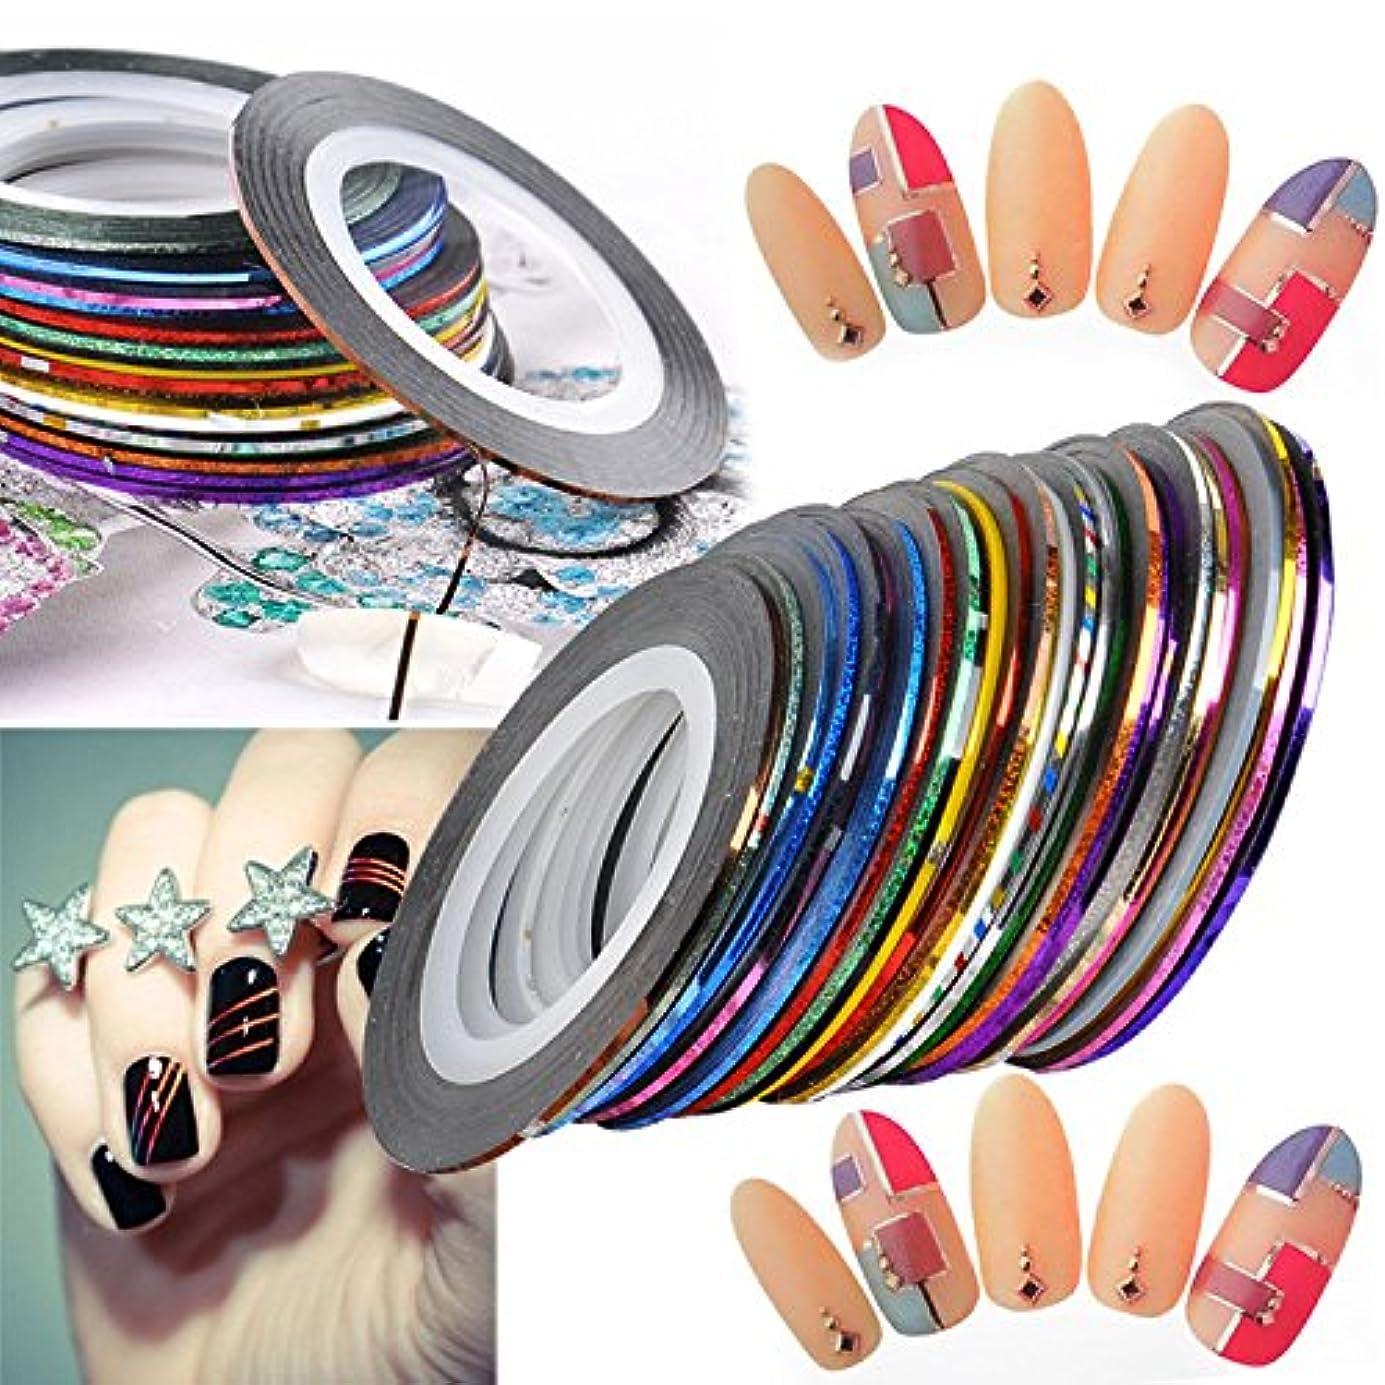 悲惨な慎重に何かネイルアート用 ラインテープ 爪 飾り用品 カラフル 綺麗 ラインアートテープ 30種セット